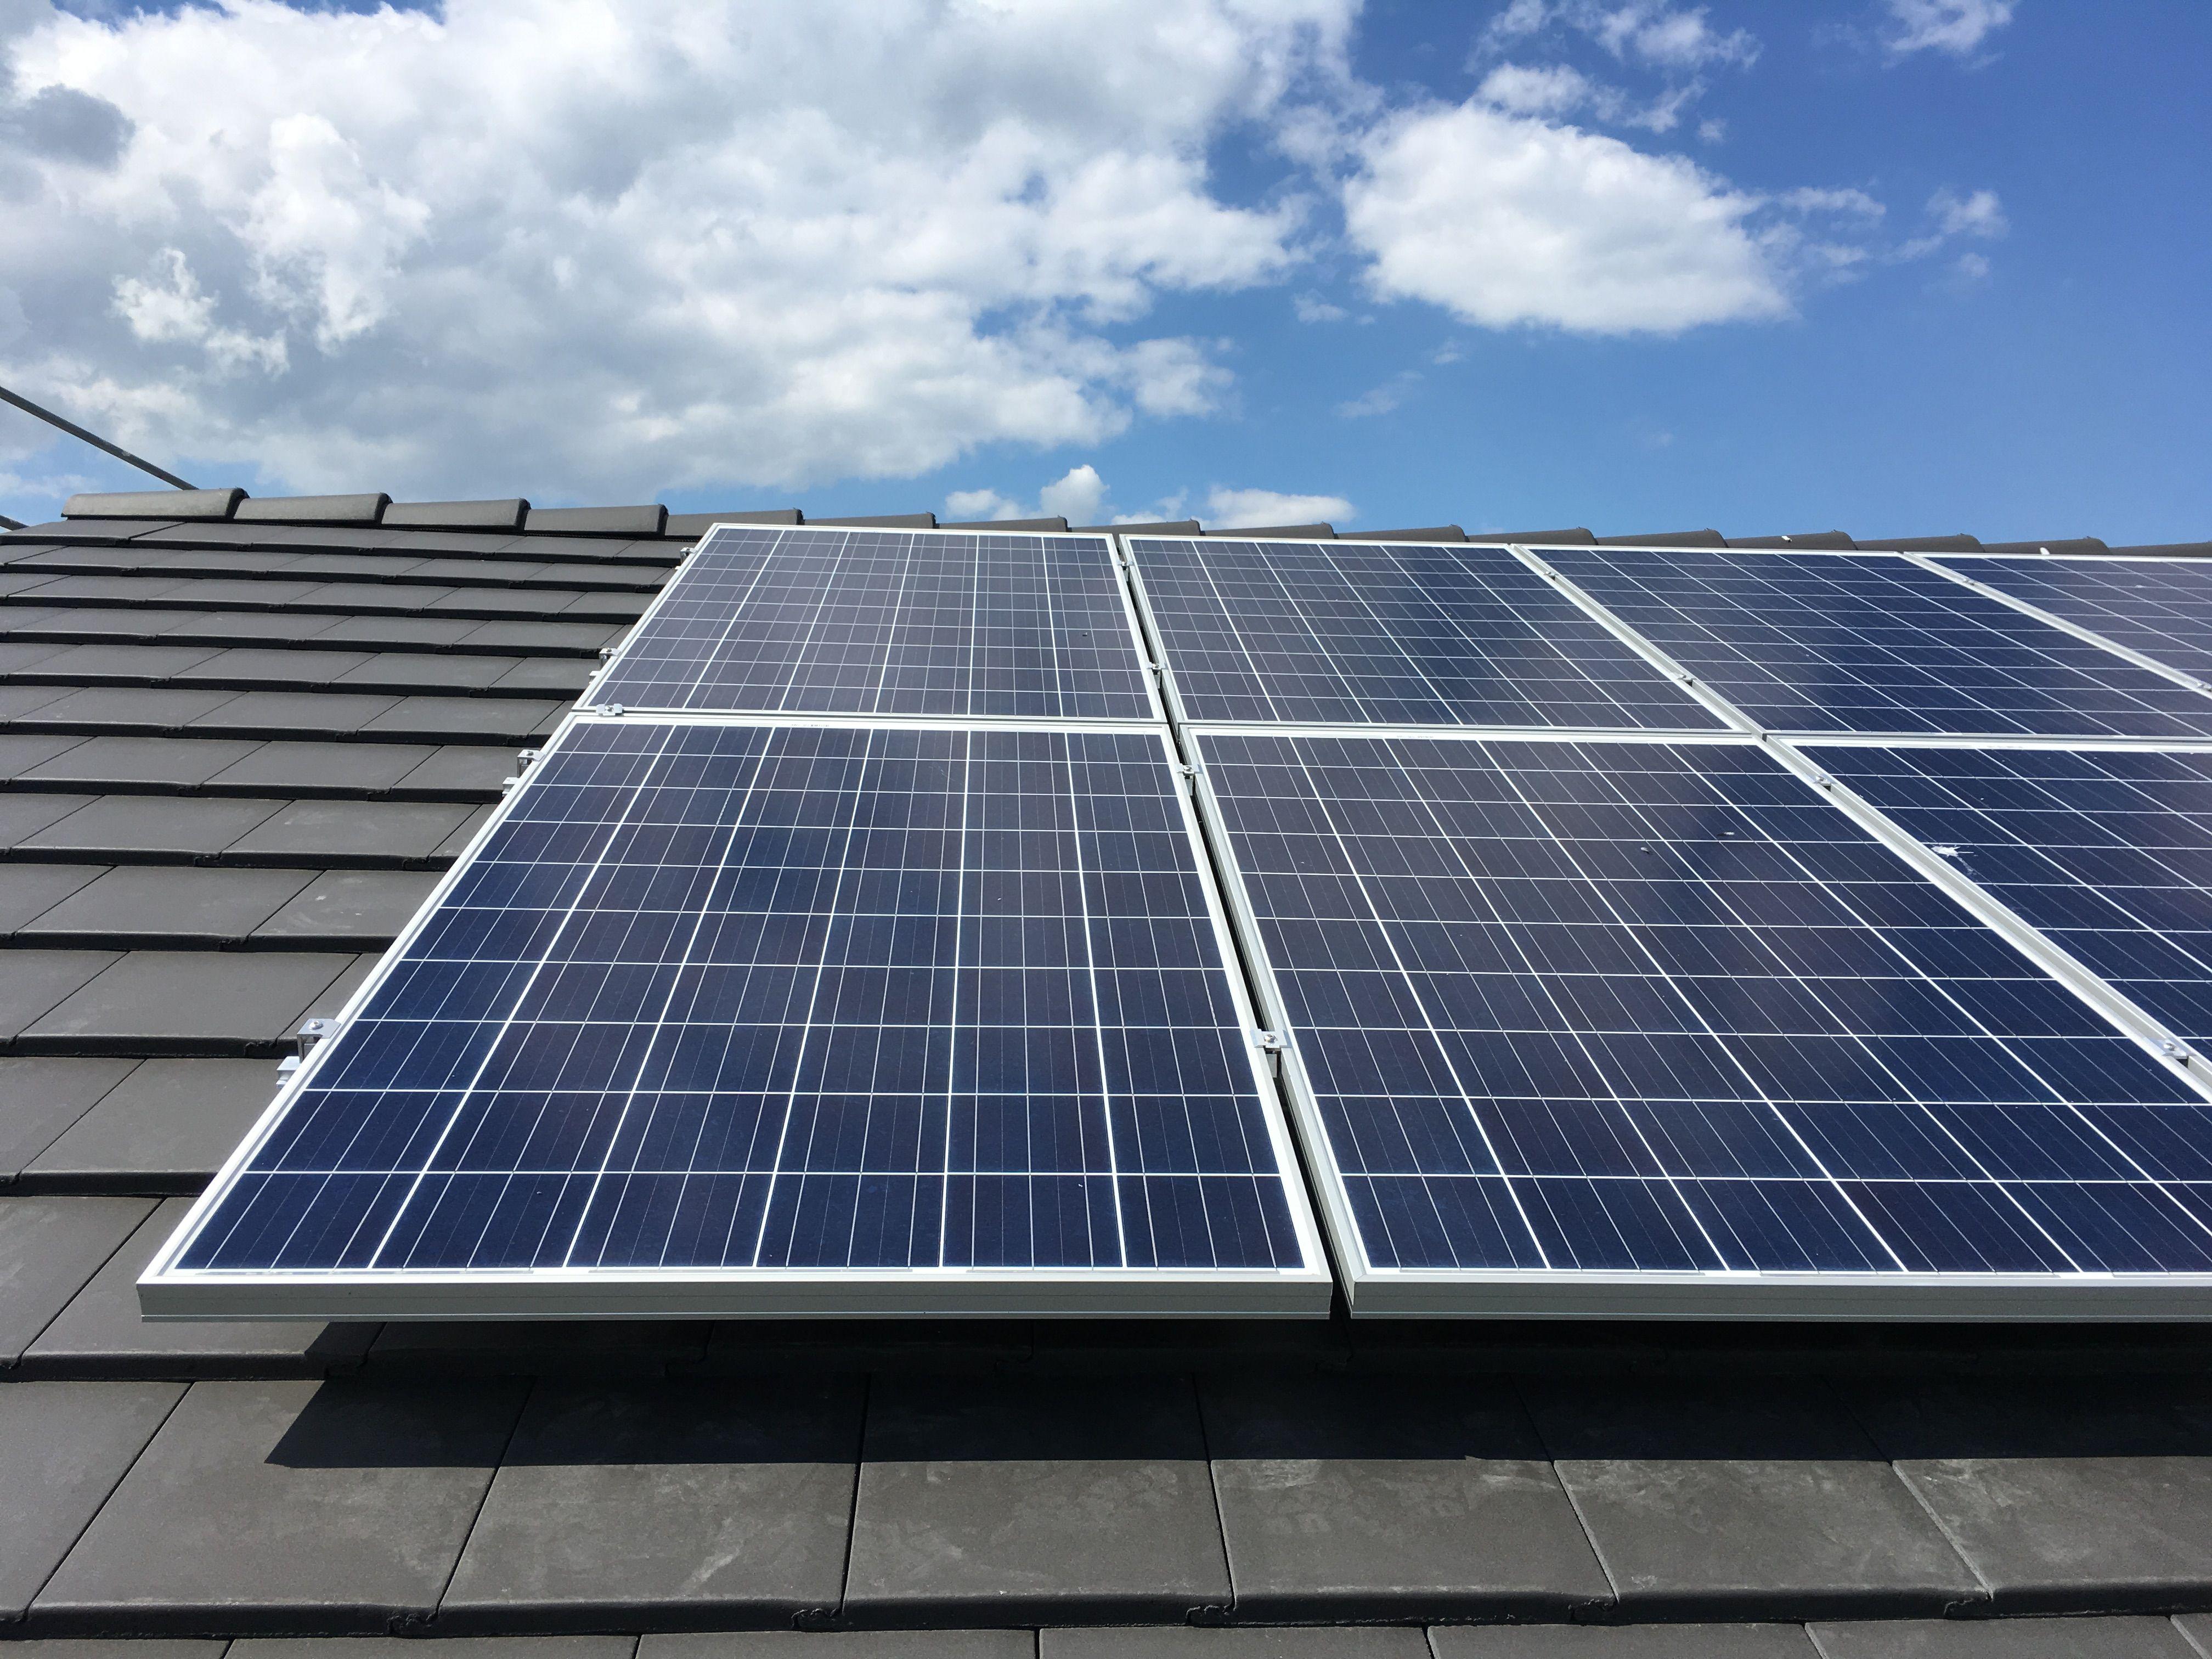 Kw23 Photovoltaikanlage Ist Auf Dem Dach Installiert Musterhaus